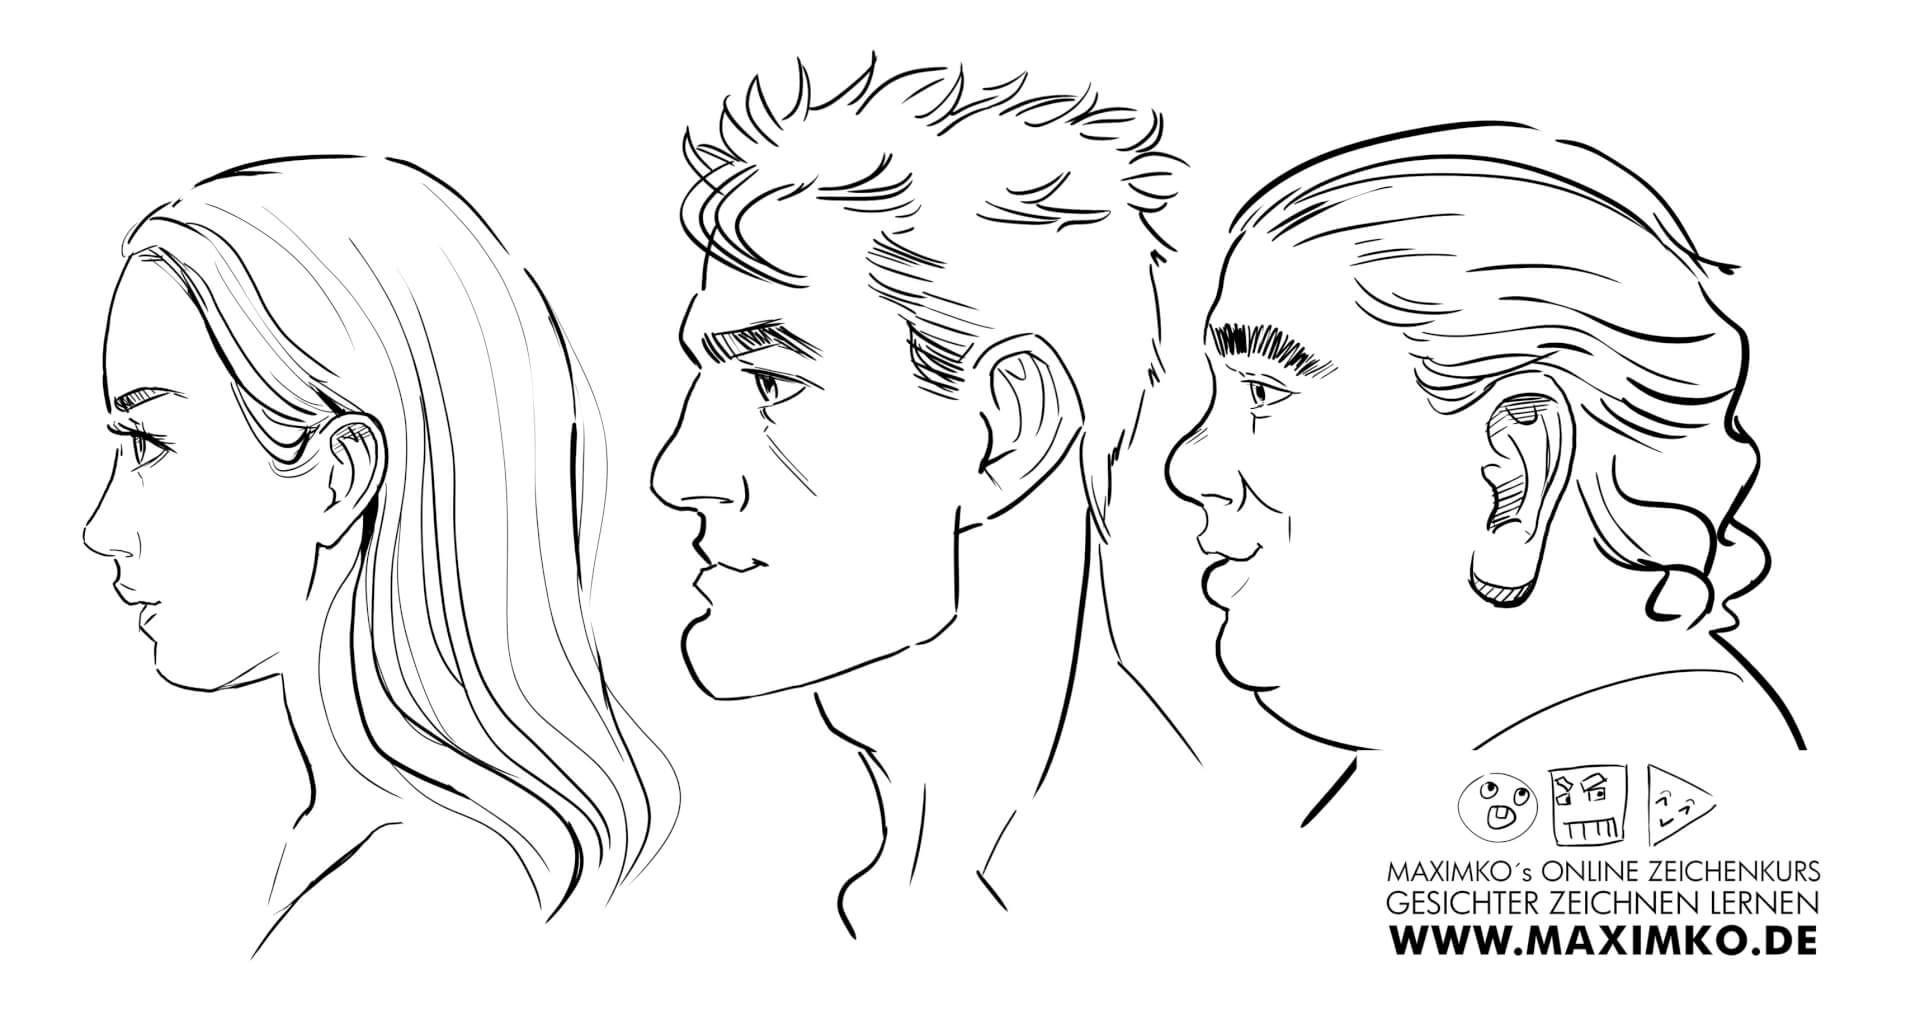 Gesichter Zeichnen Von Der Seite